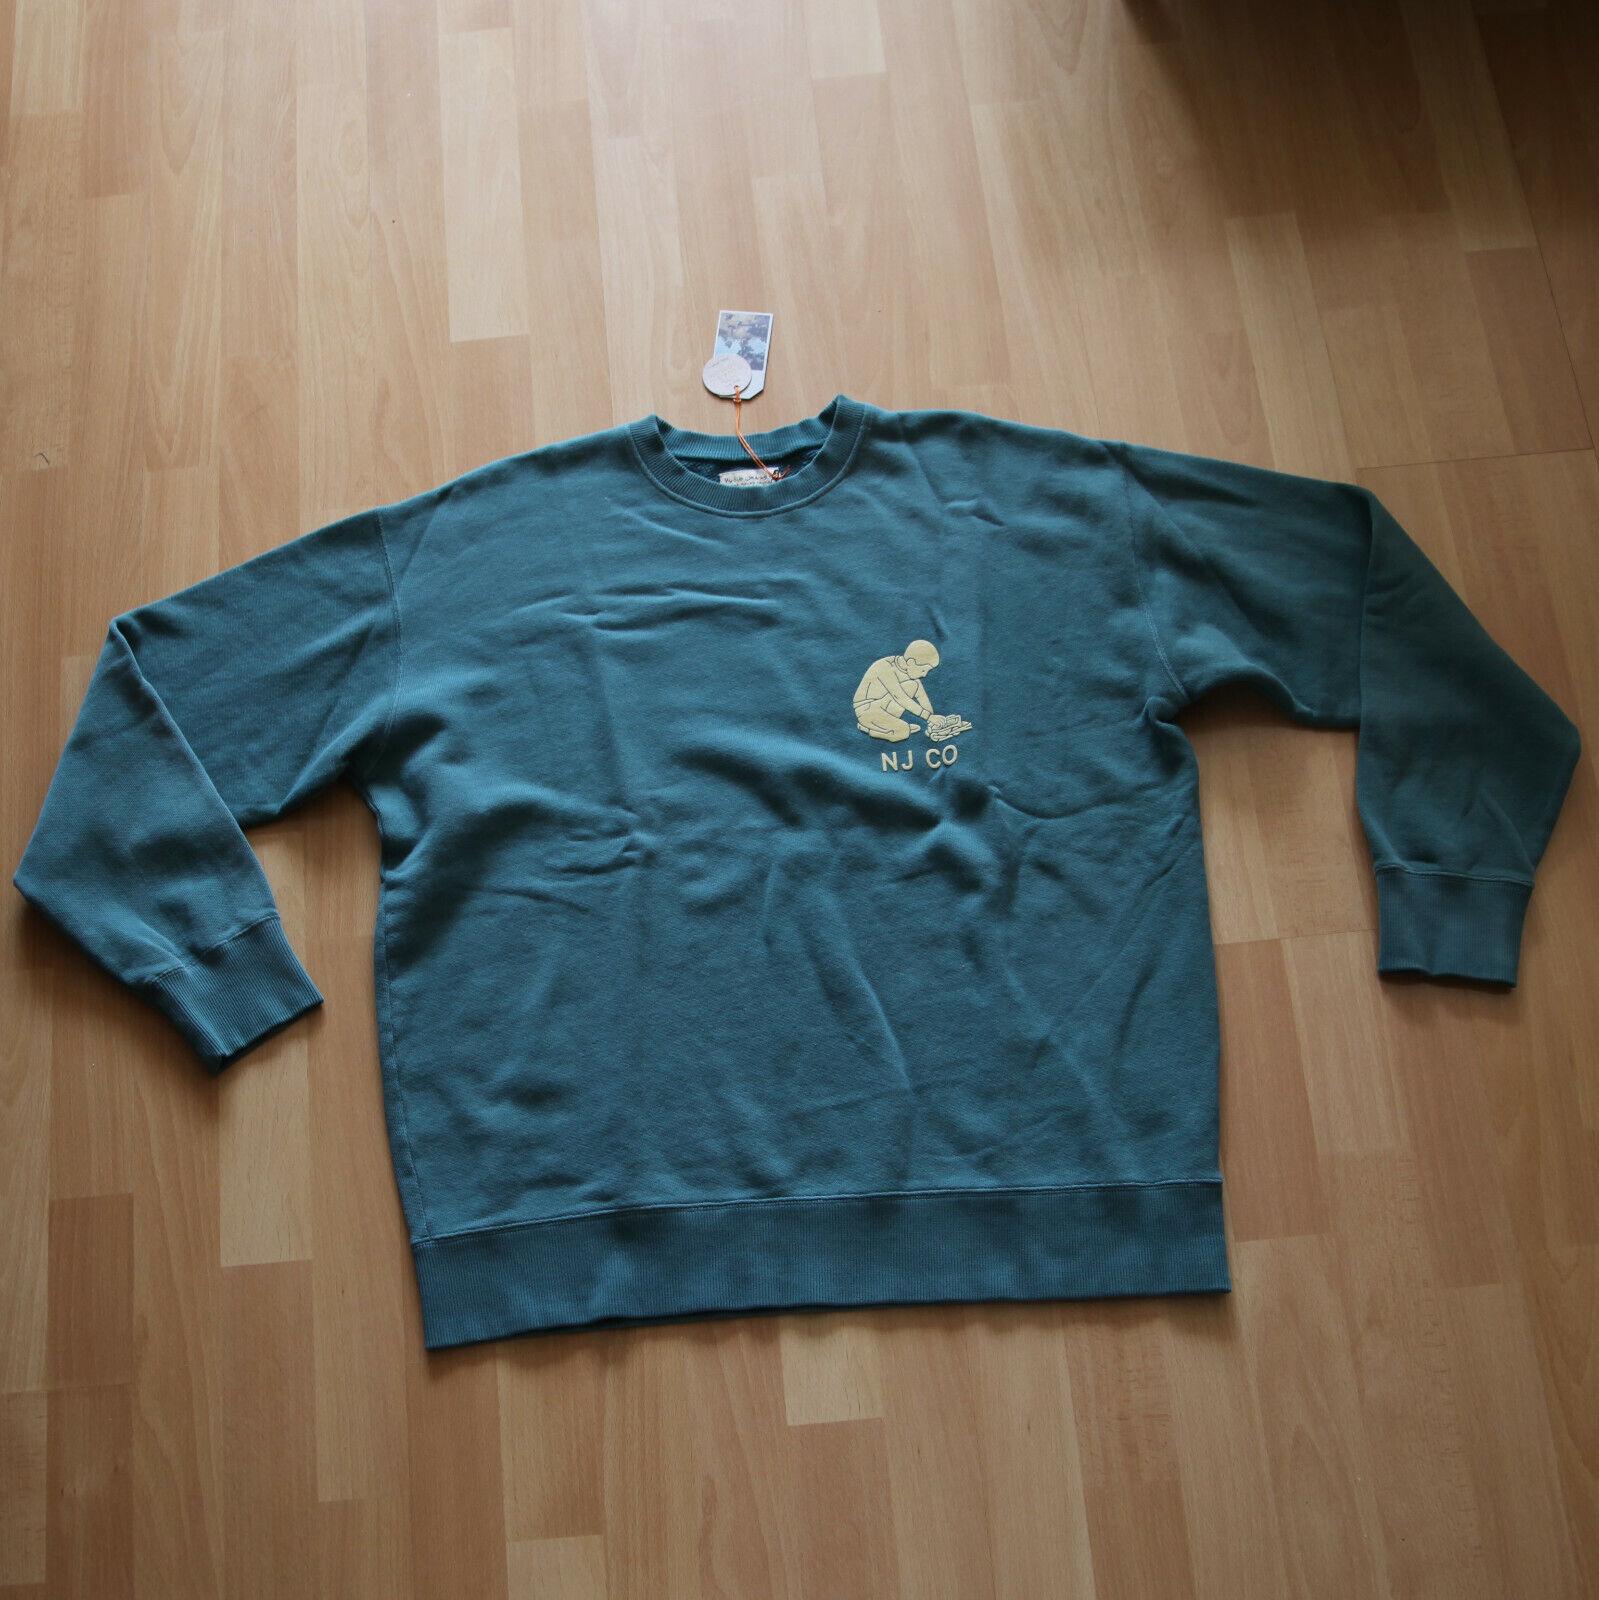 NEU  Nudie Jeans, schweißer,  schweißhemd,  Lukas Solid Logo Boy Kattegat M